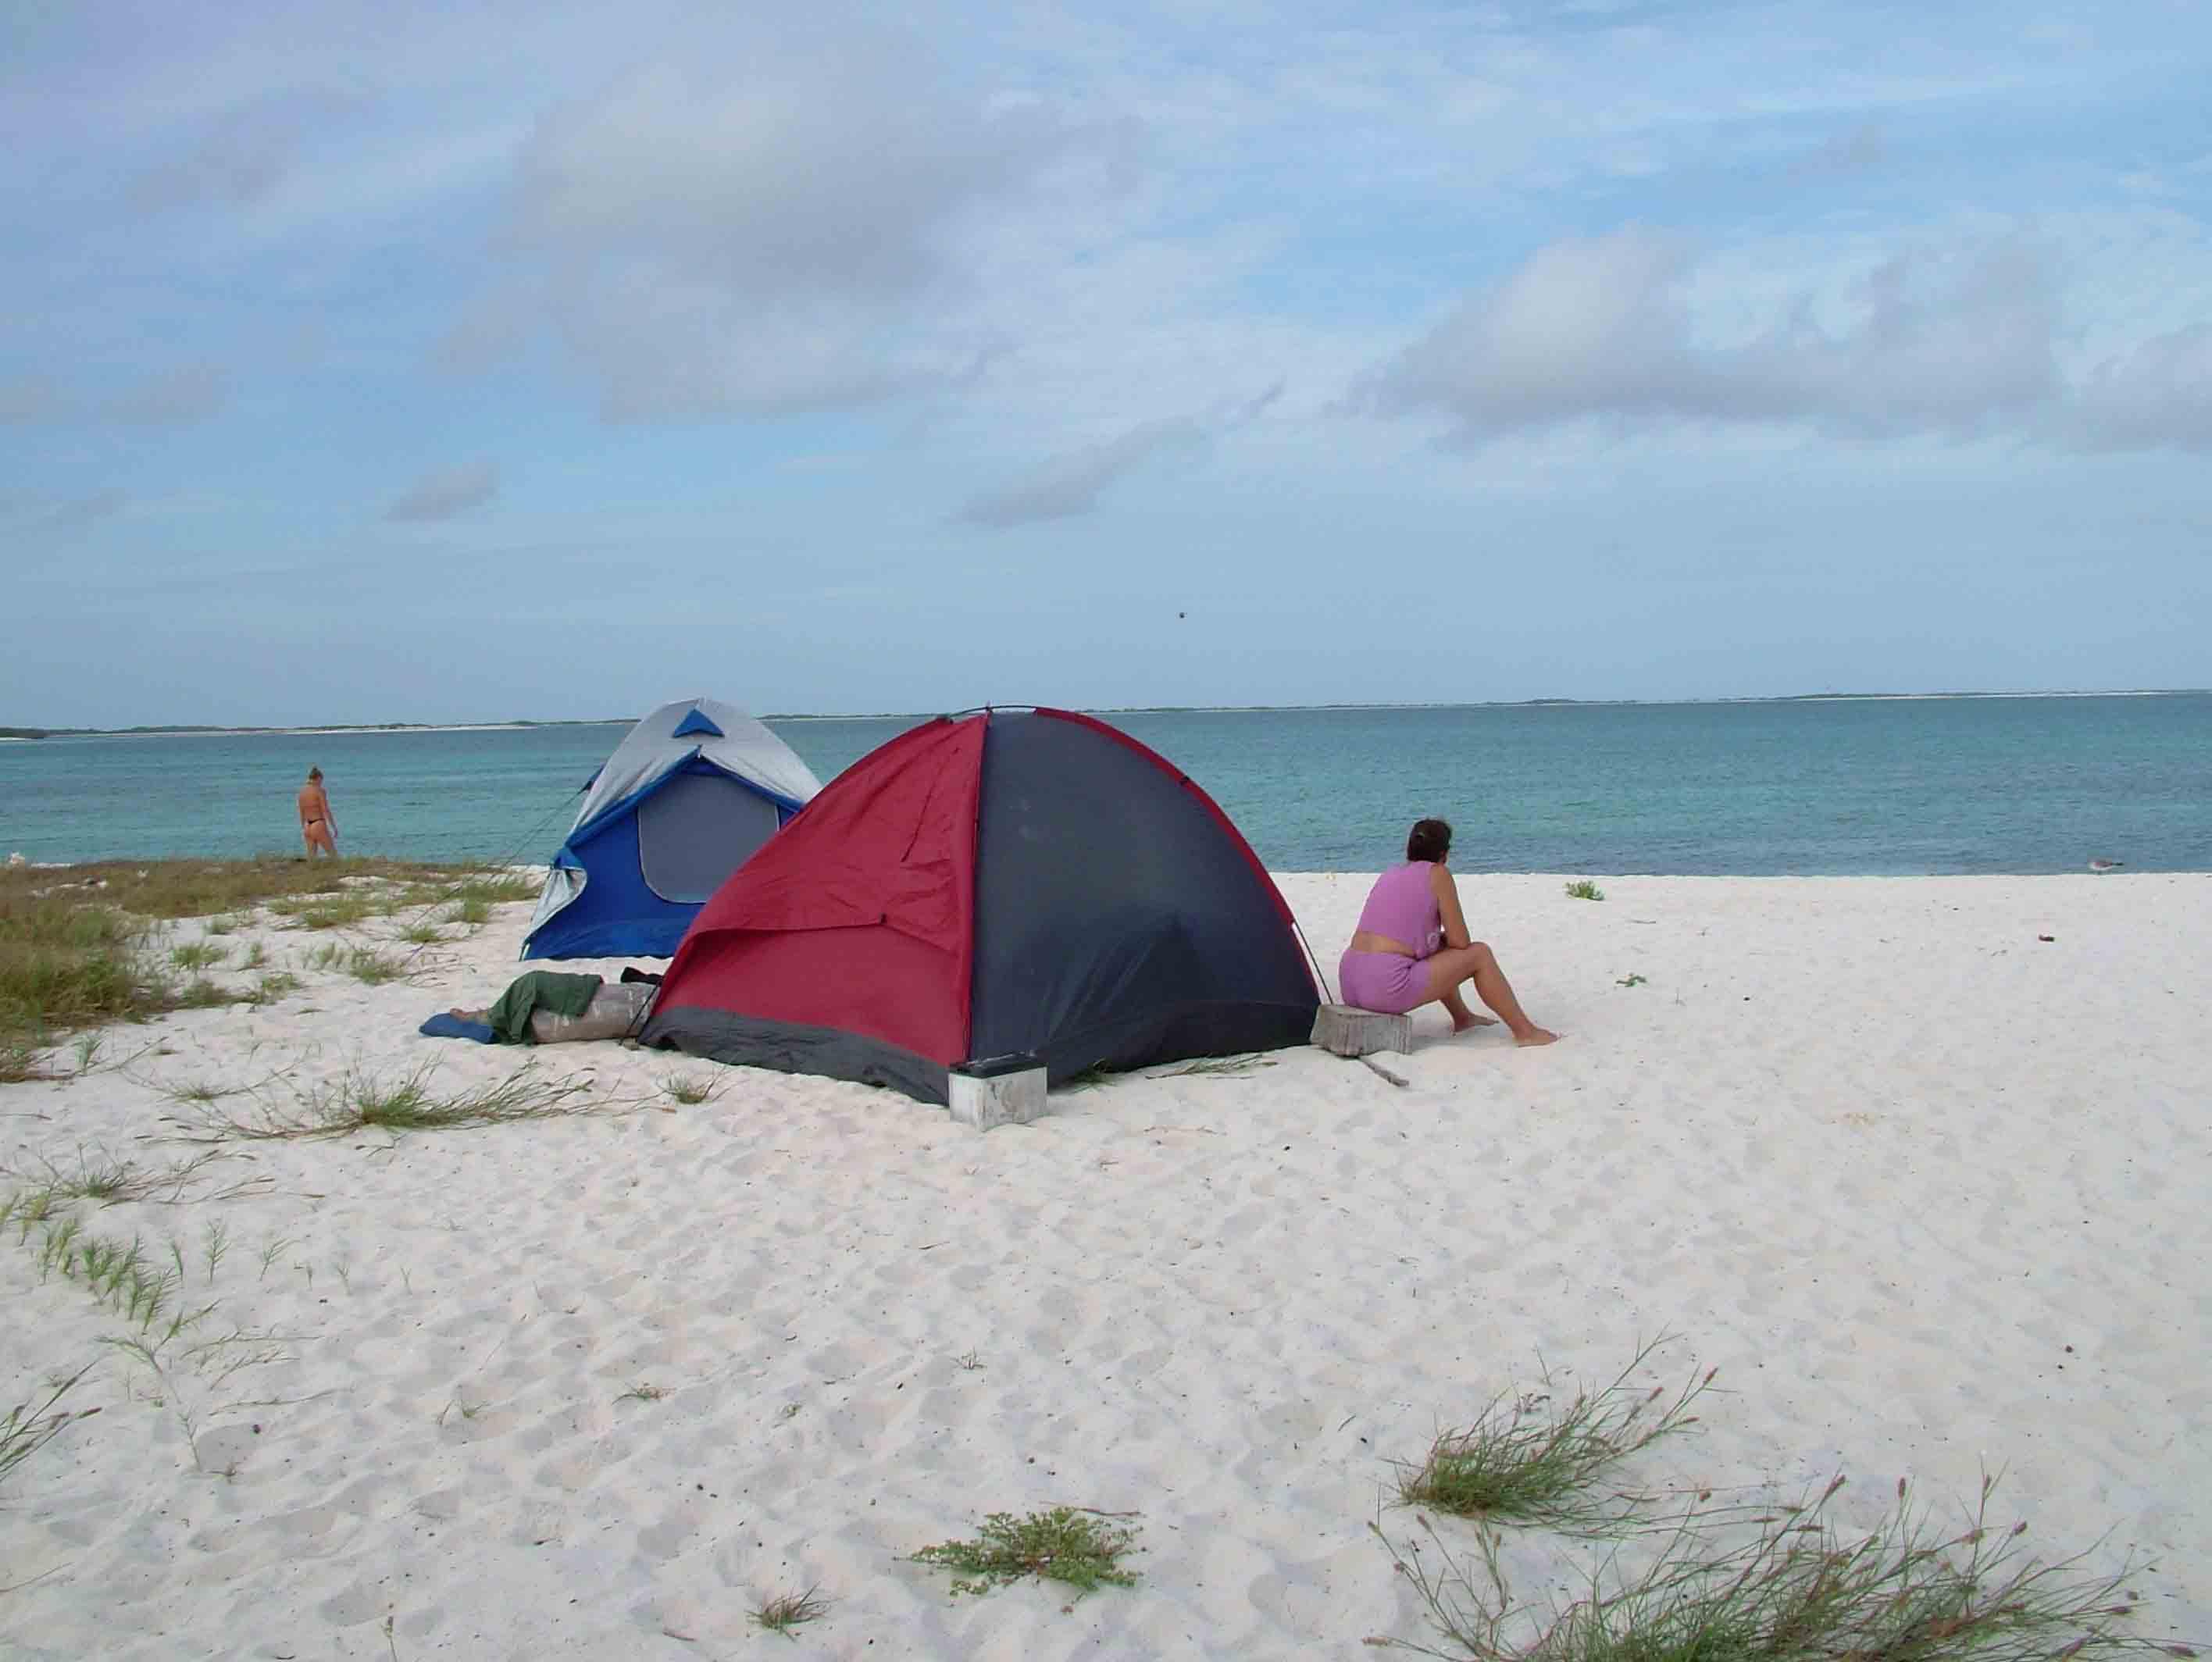 17 agosto 2006 All alba smontiamo la tenda e celeri ci dirigiamo al porto per prenotare la barca che ci porter a Crasqu¬ Tre sono le isole liberamente